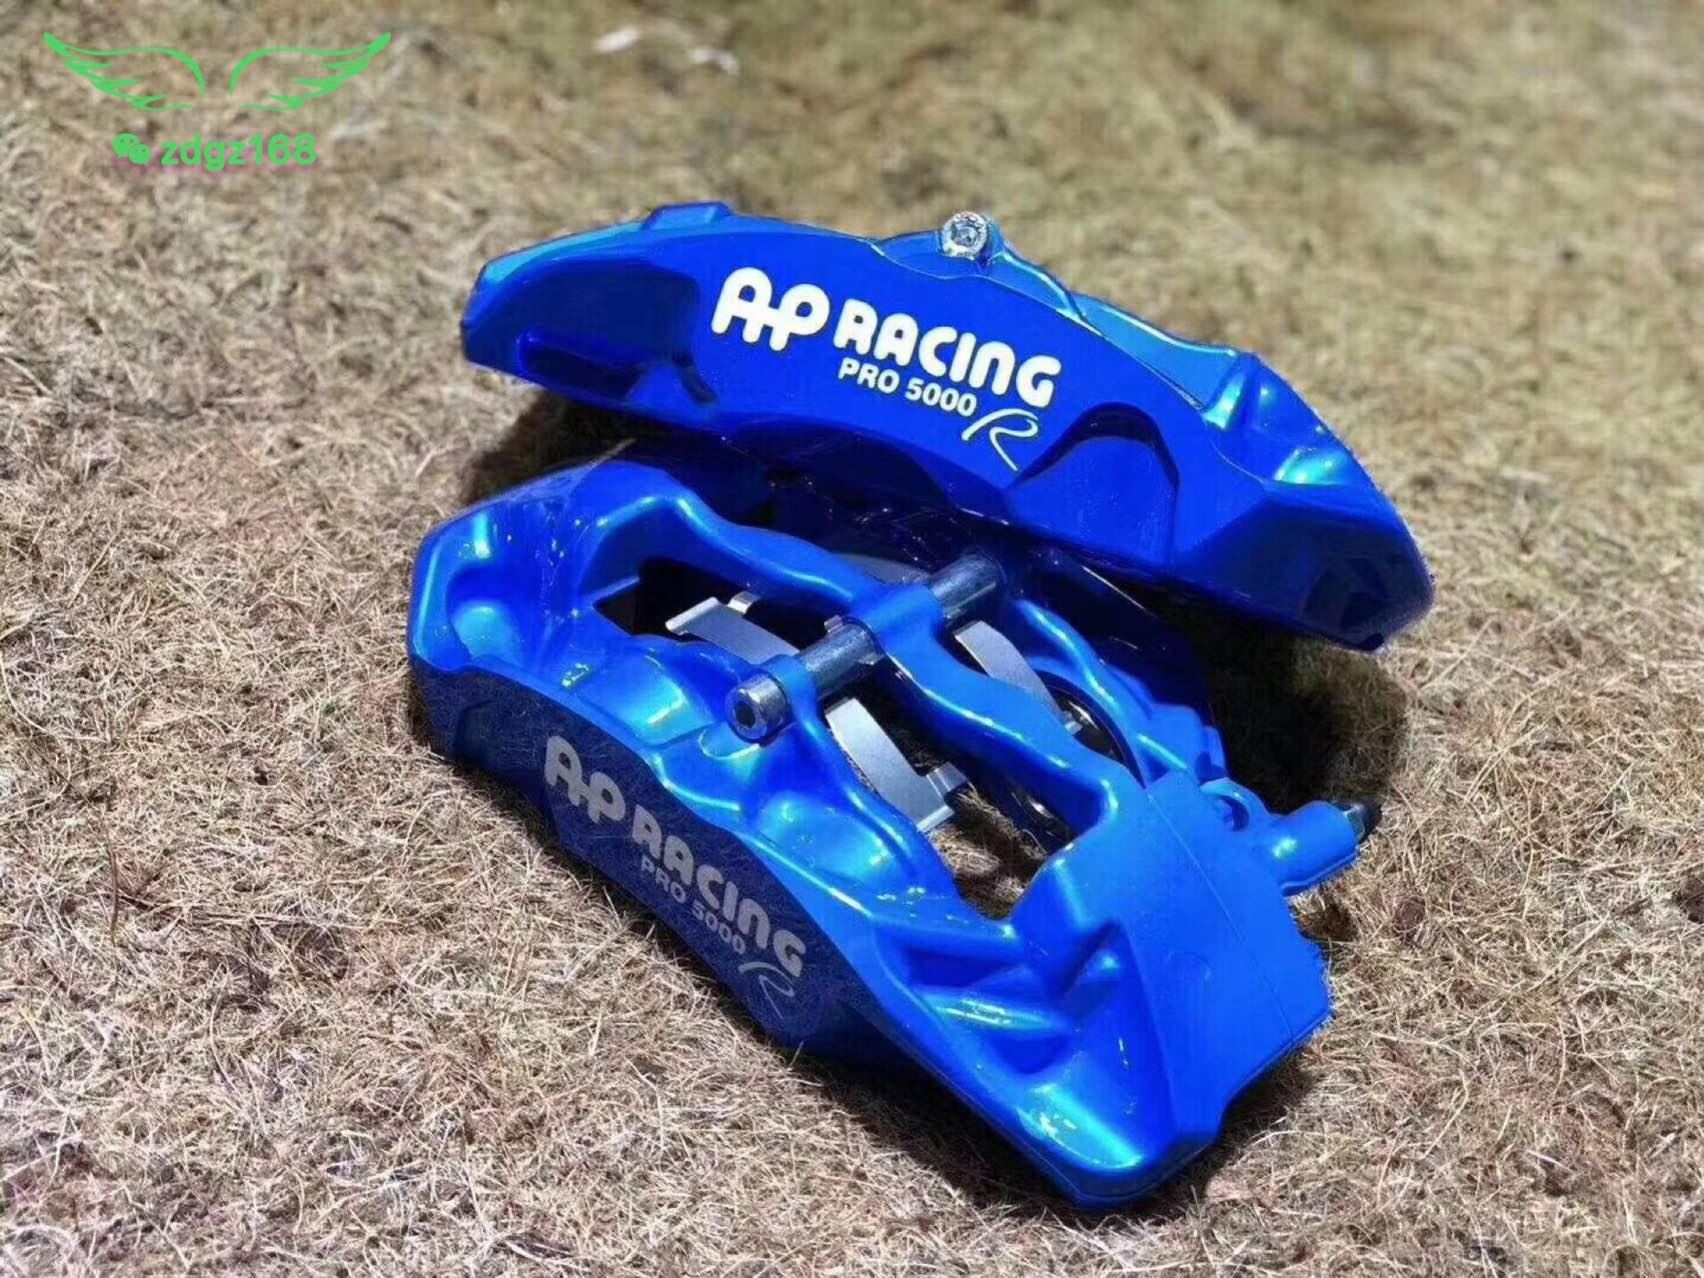 思域刹车升级前轮Ap9440大四活塞套装、个性定制蓝色、灵敏制动@车友